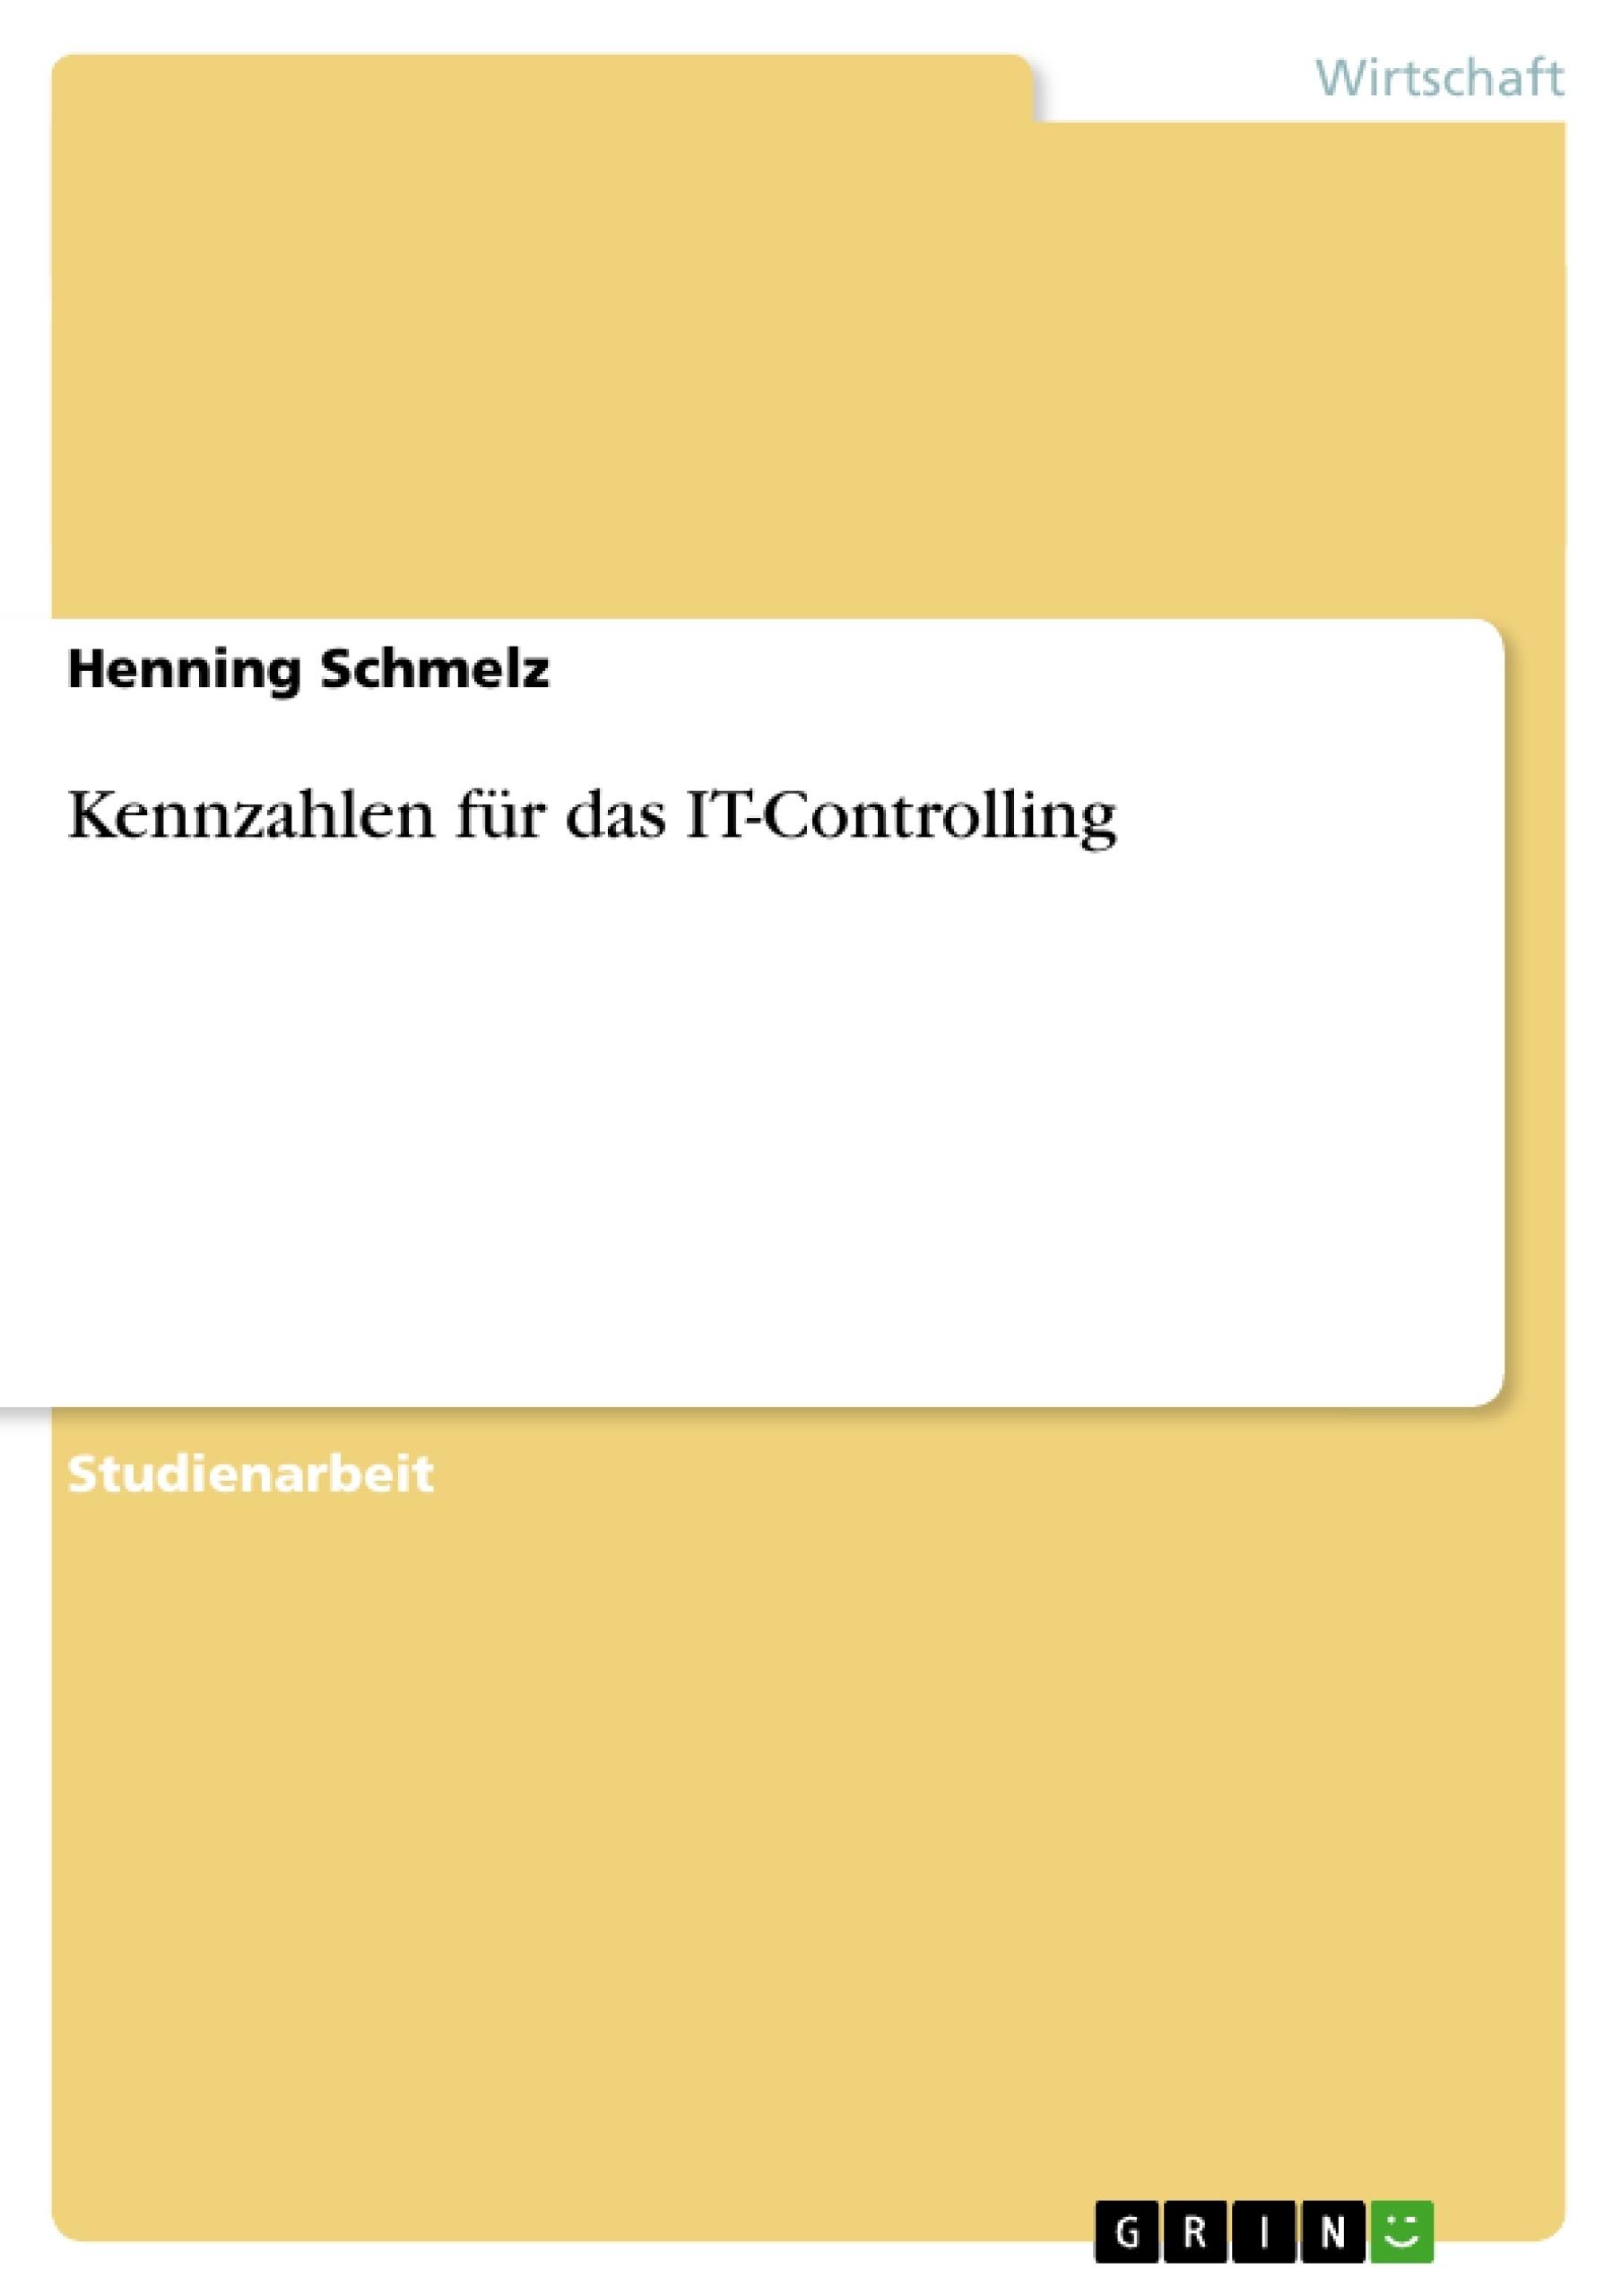 Titel: Kennzahlen für das IT-Controlling